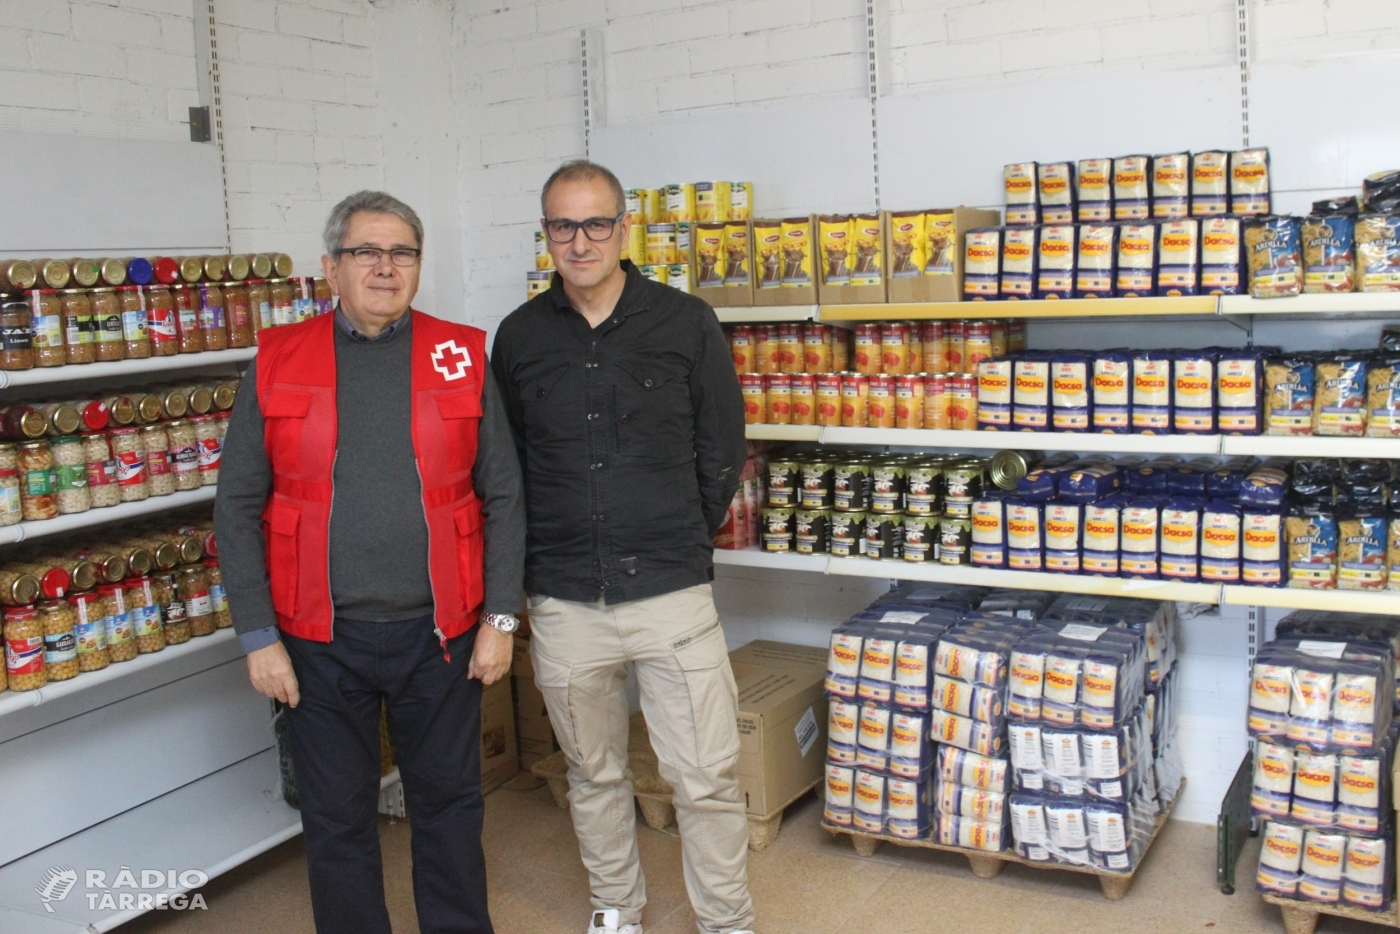 Tàrrega se suma a la iniciativa solidària del Gran Recapte d'Aliments els dies 30 de novembre i 1 de desembre